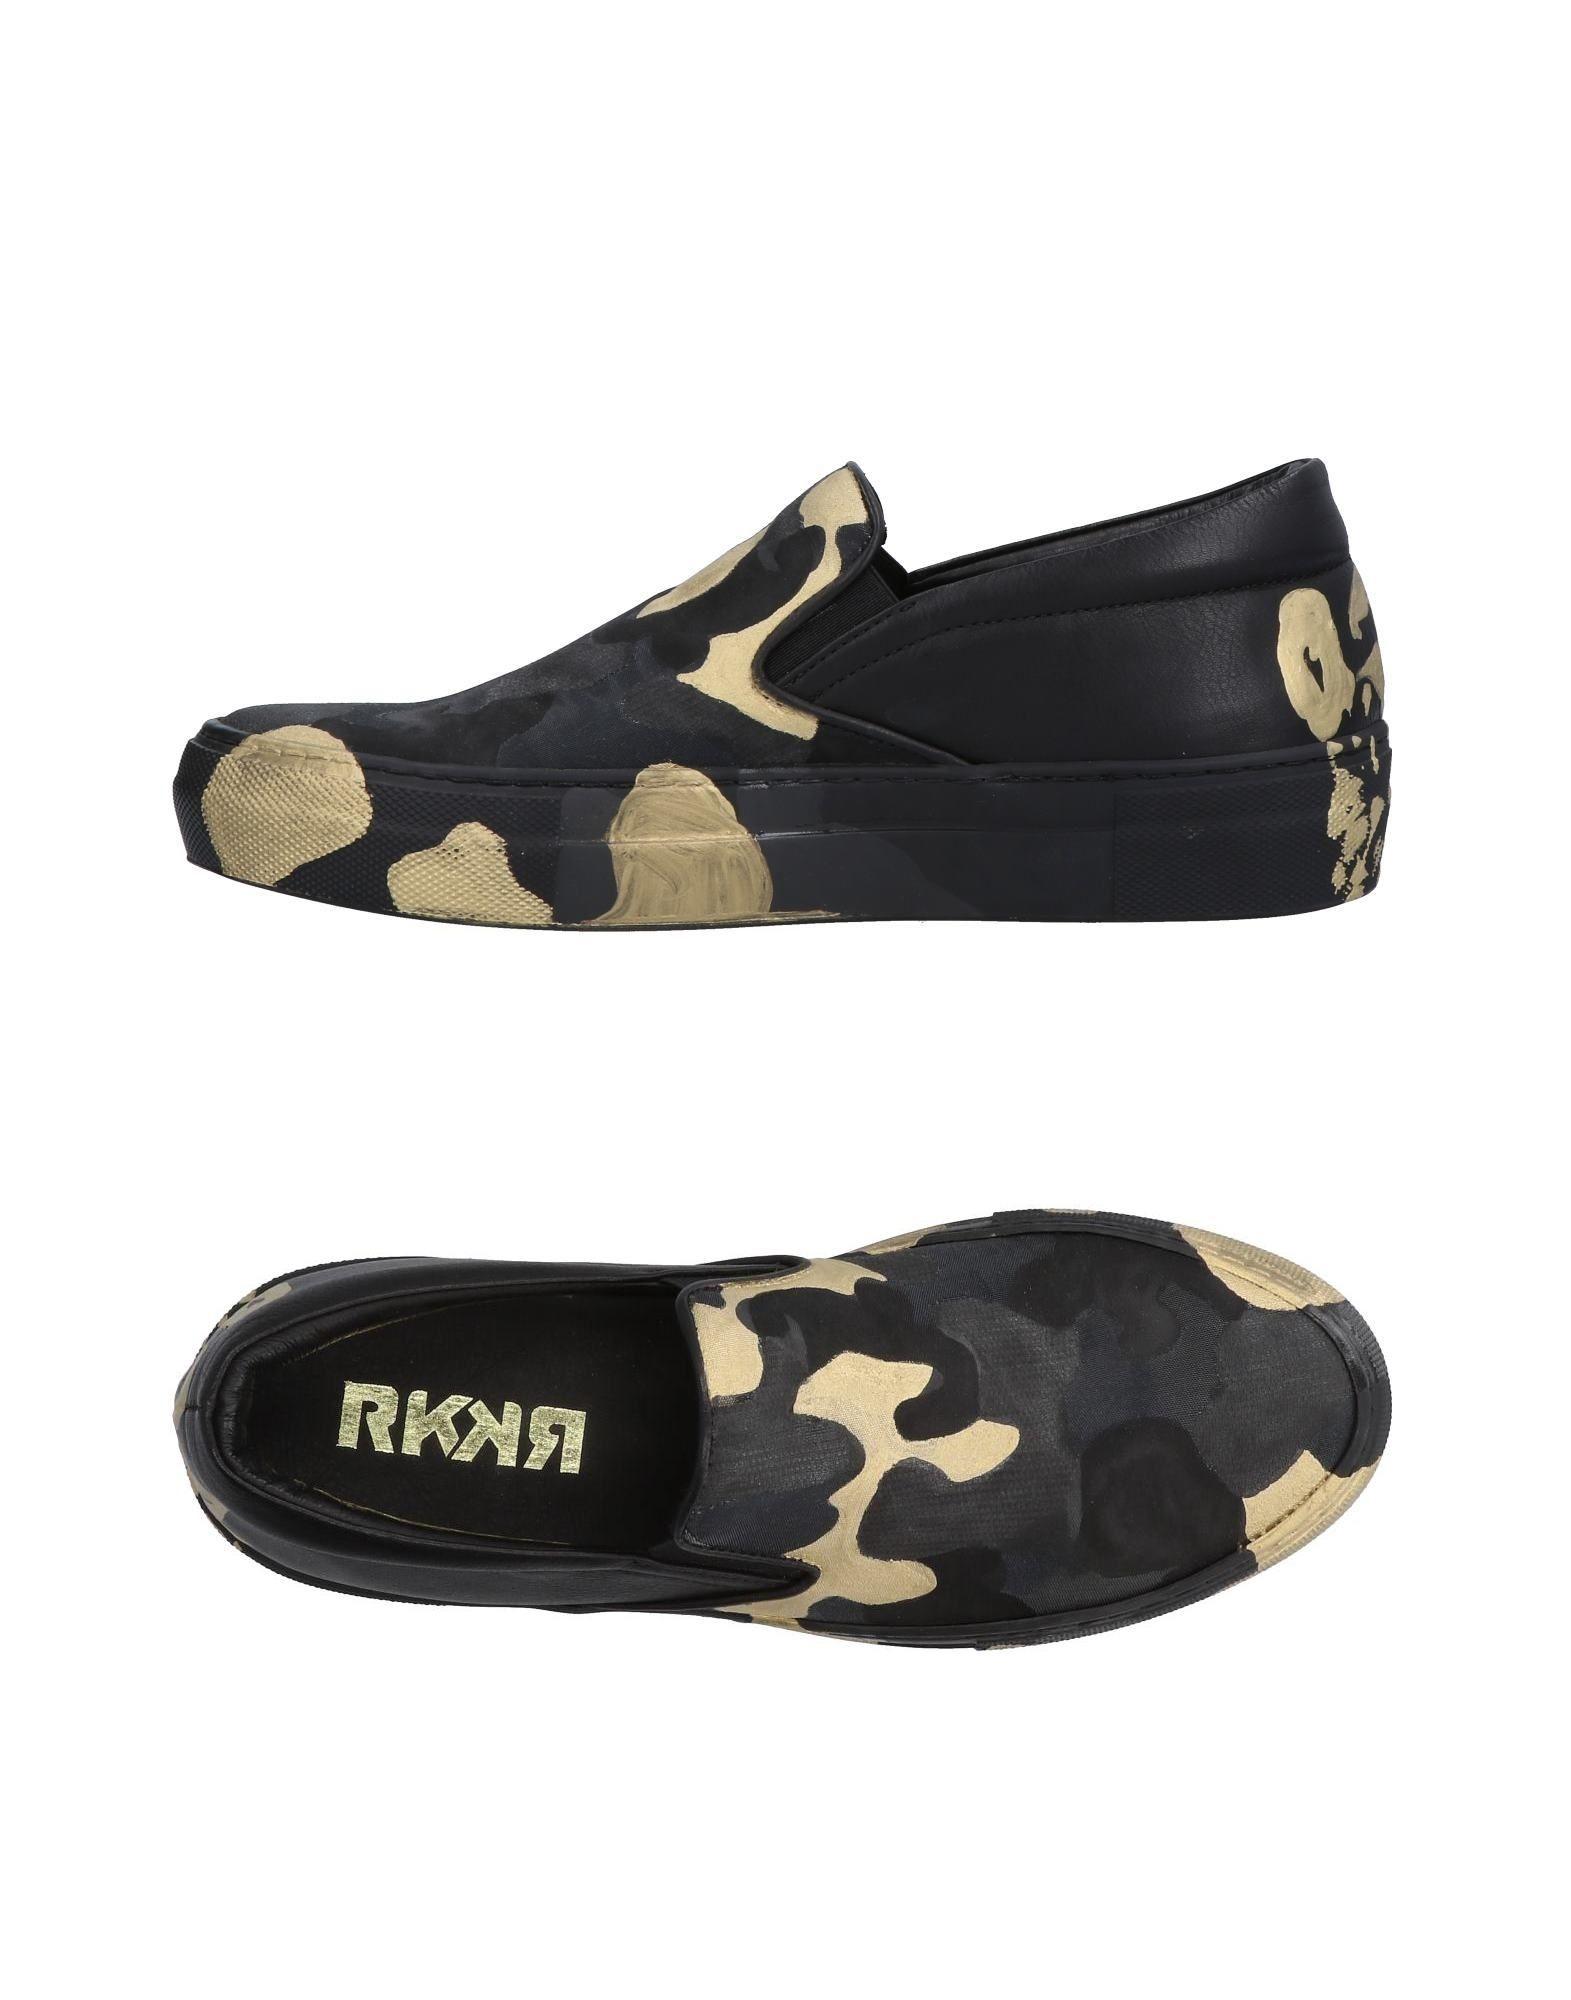 Rkkr Sneakers Damen  11476446QB Gute Qualität beliebte Schuhe